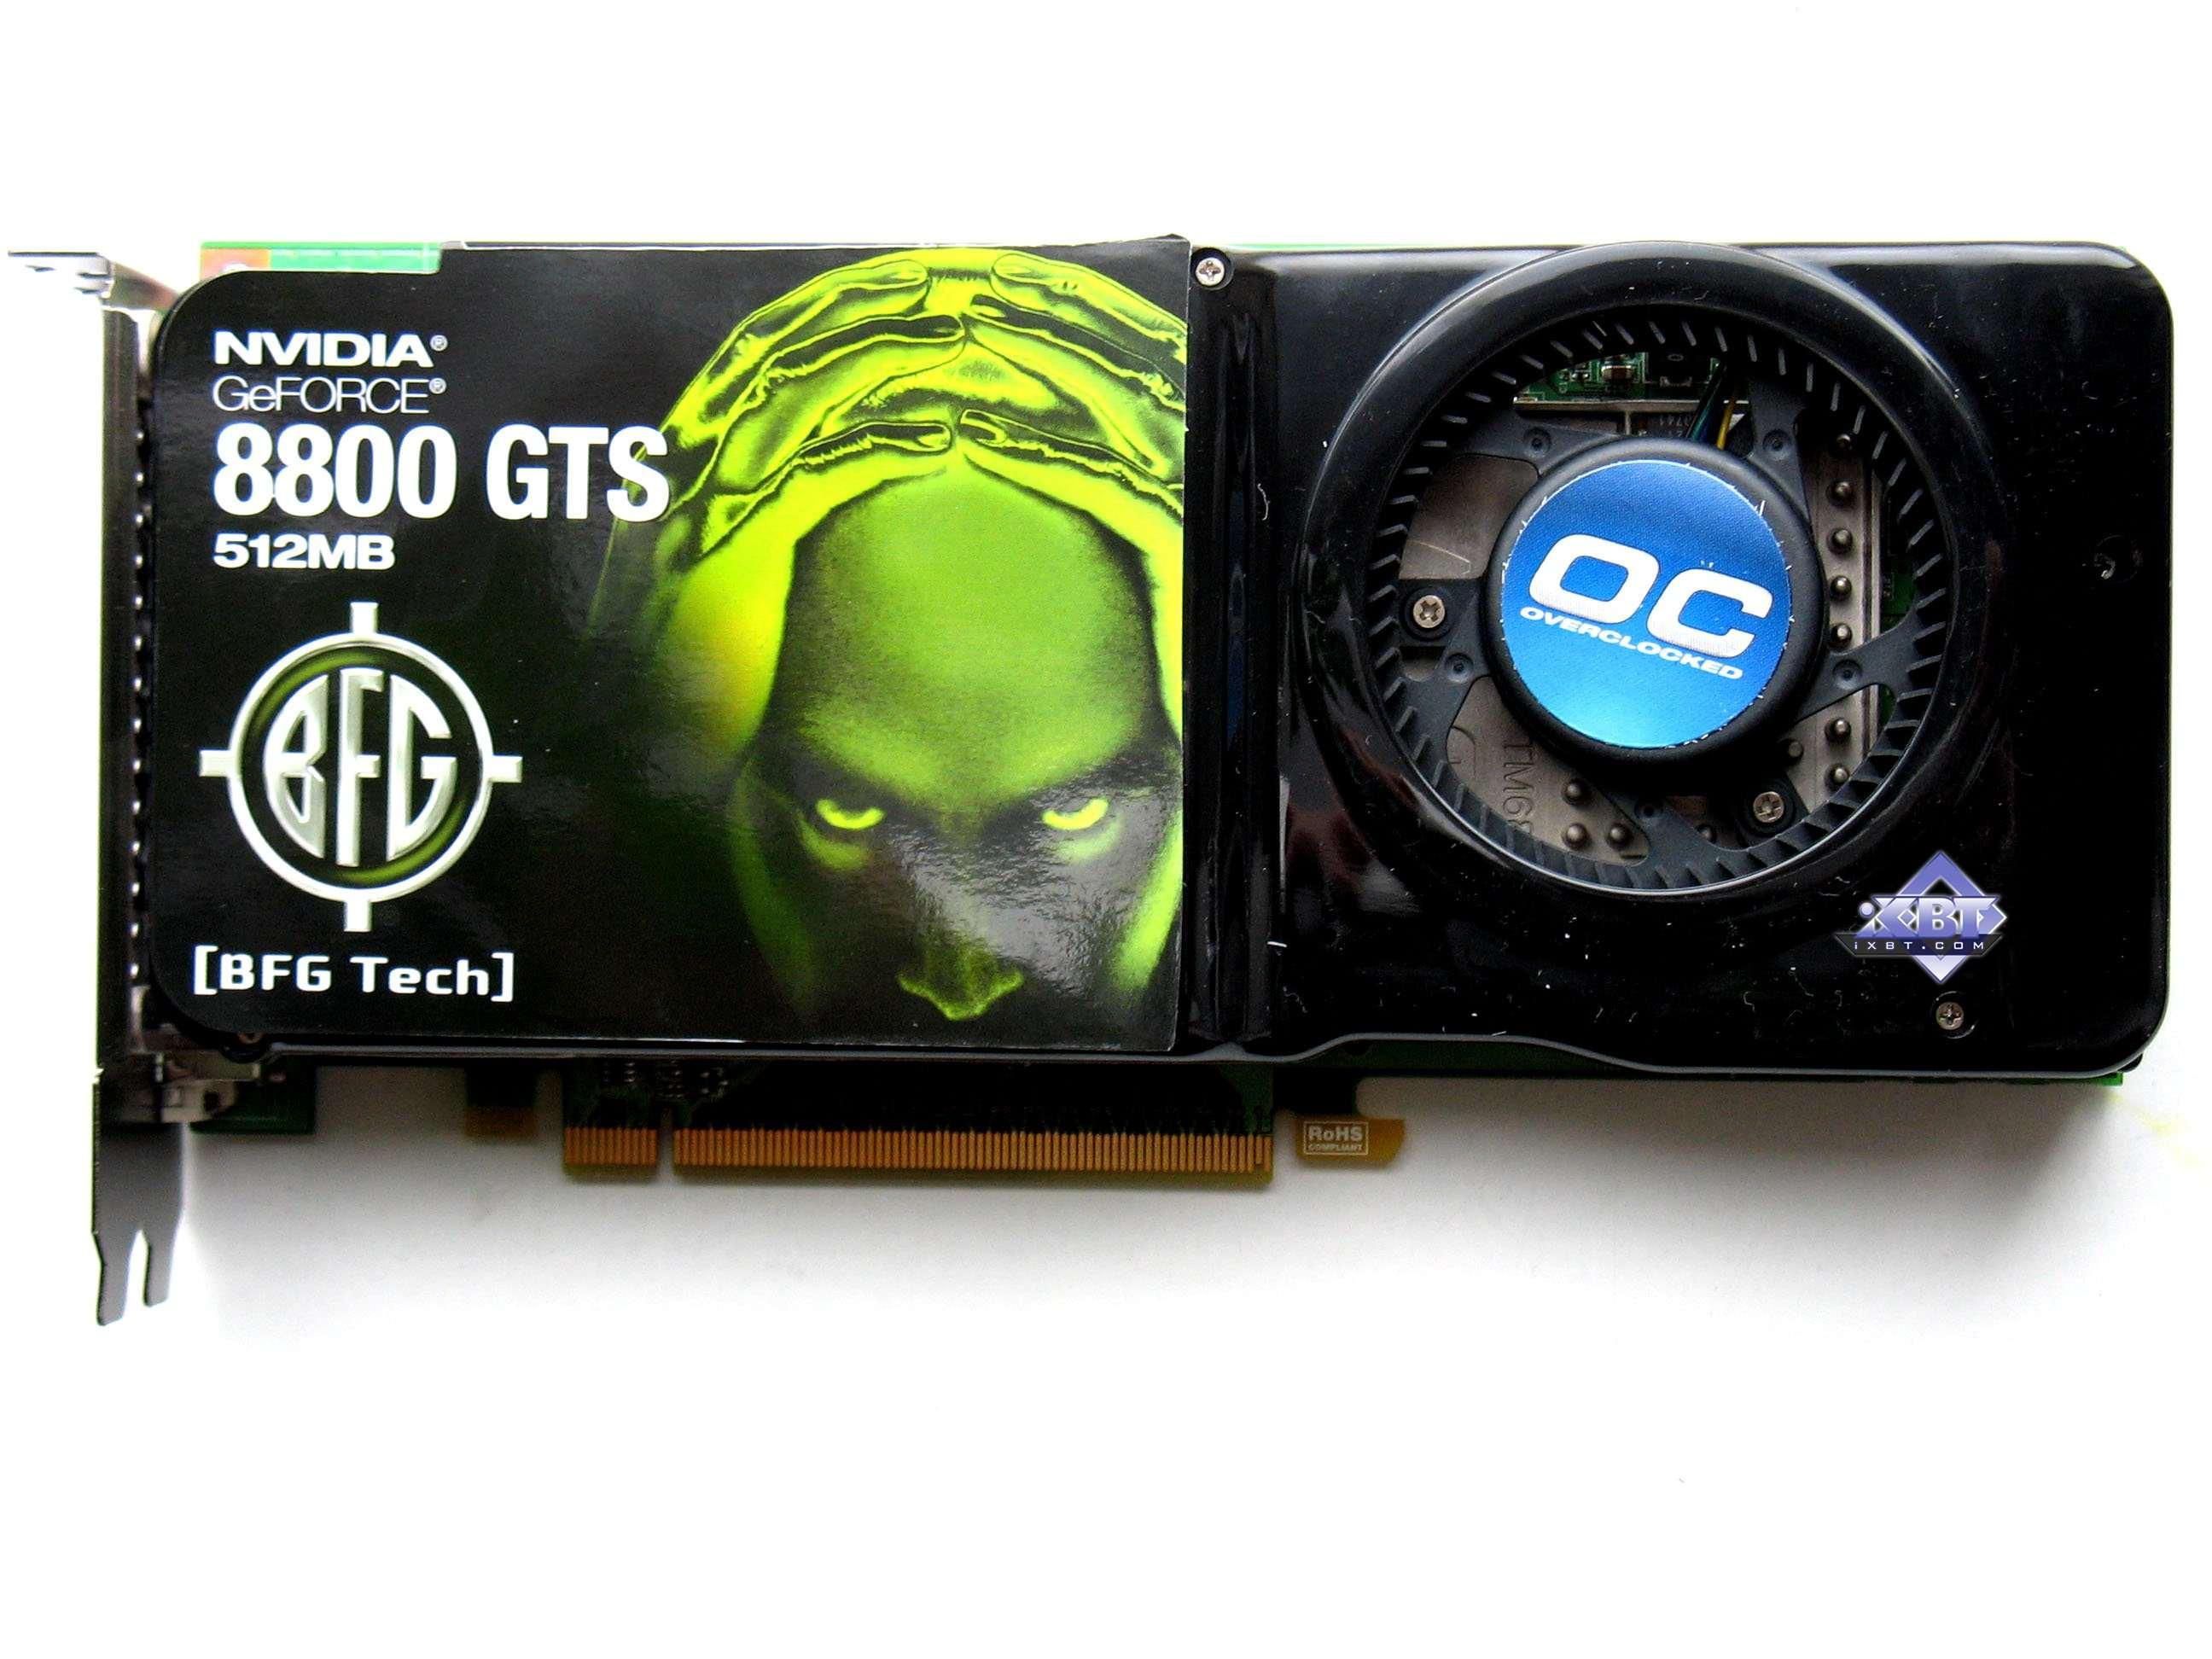 BFG GeForce 8800 GTS OC 512MB PCI E